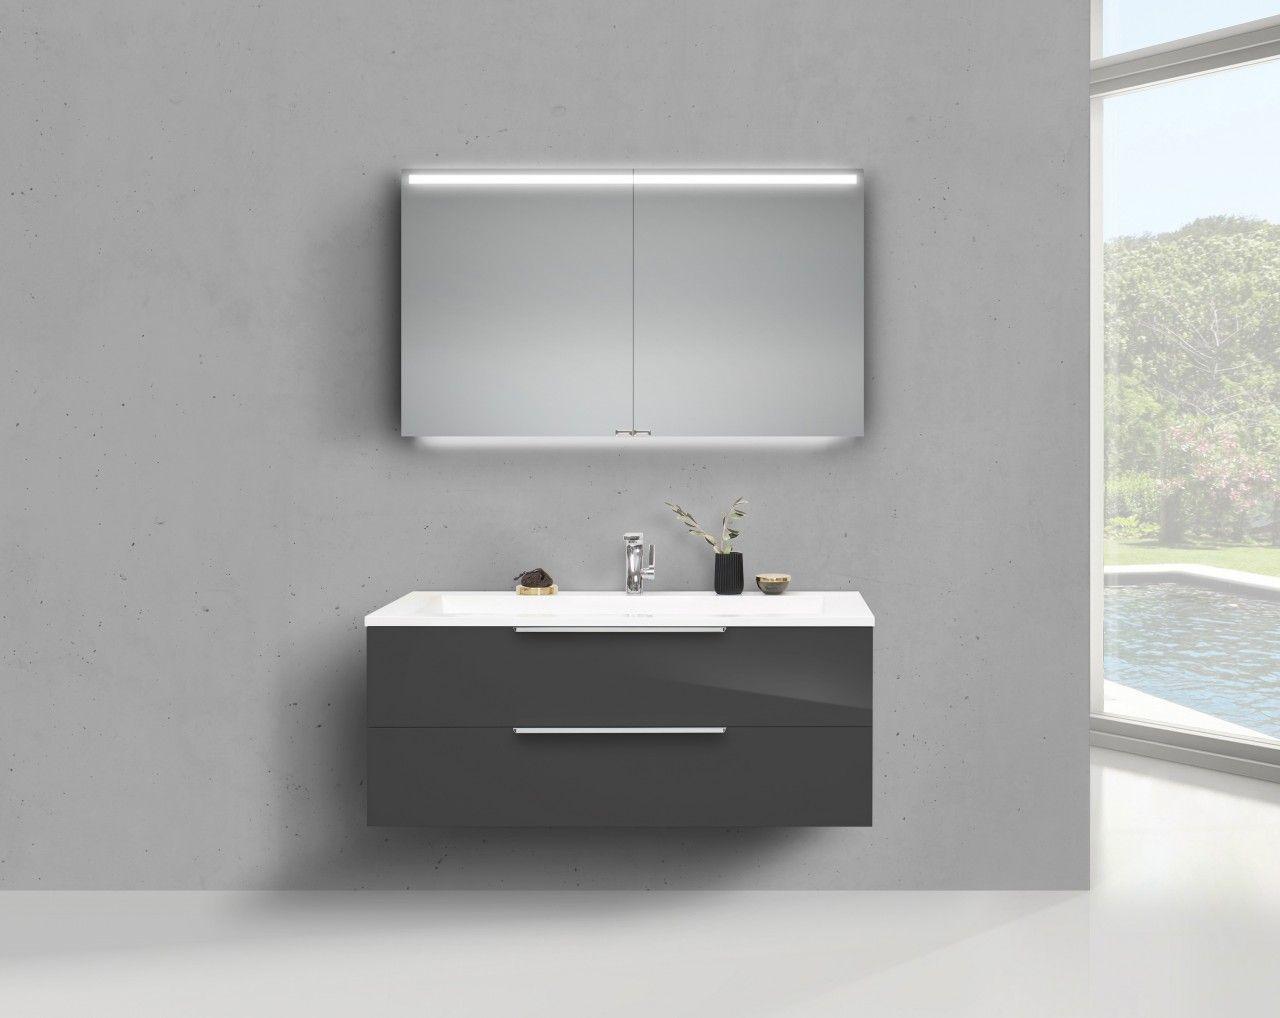 Doppelwaschtisch Badmöbel - Design